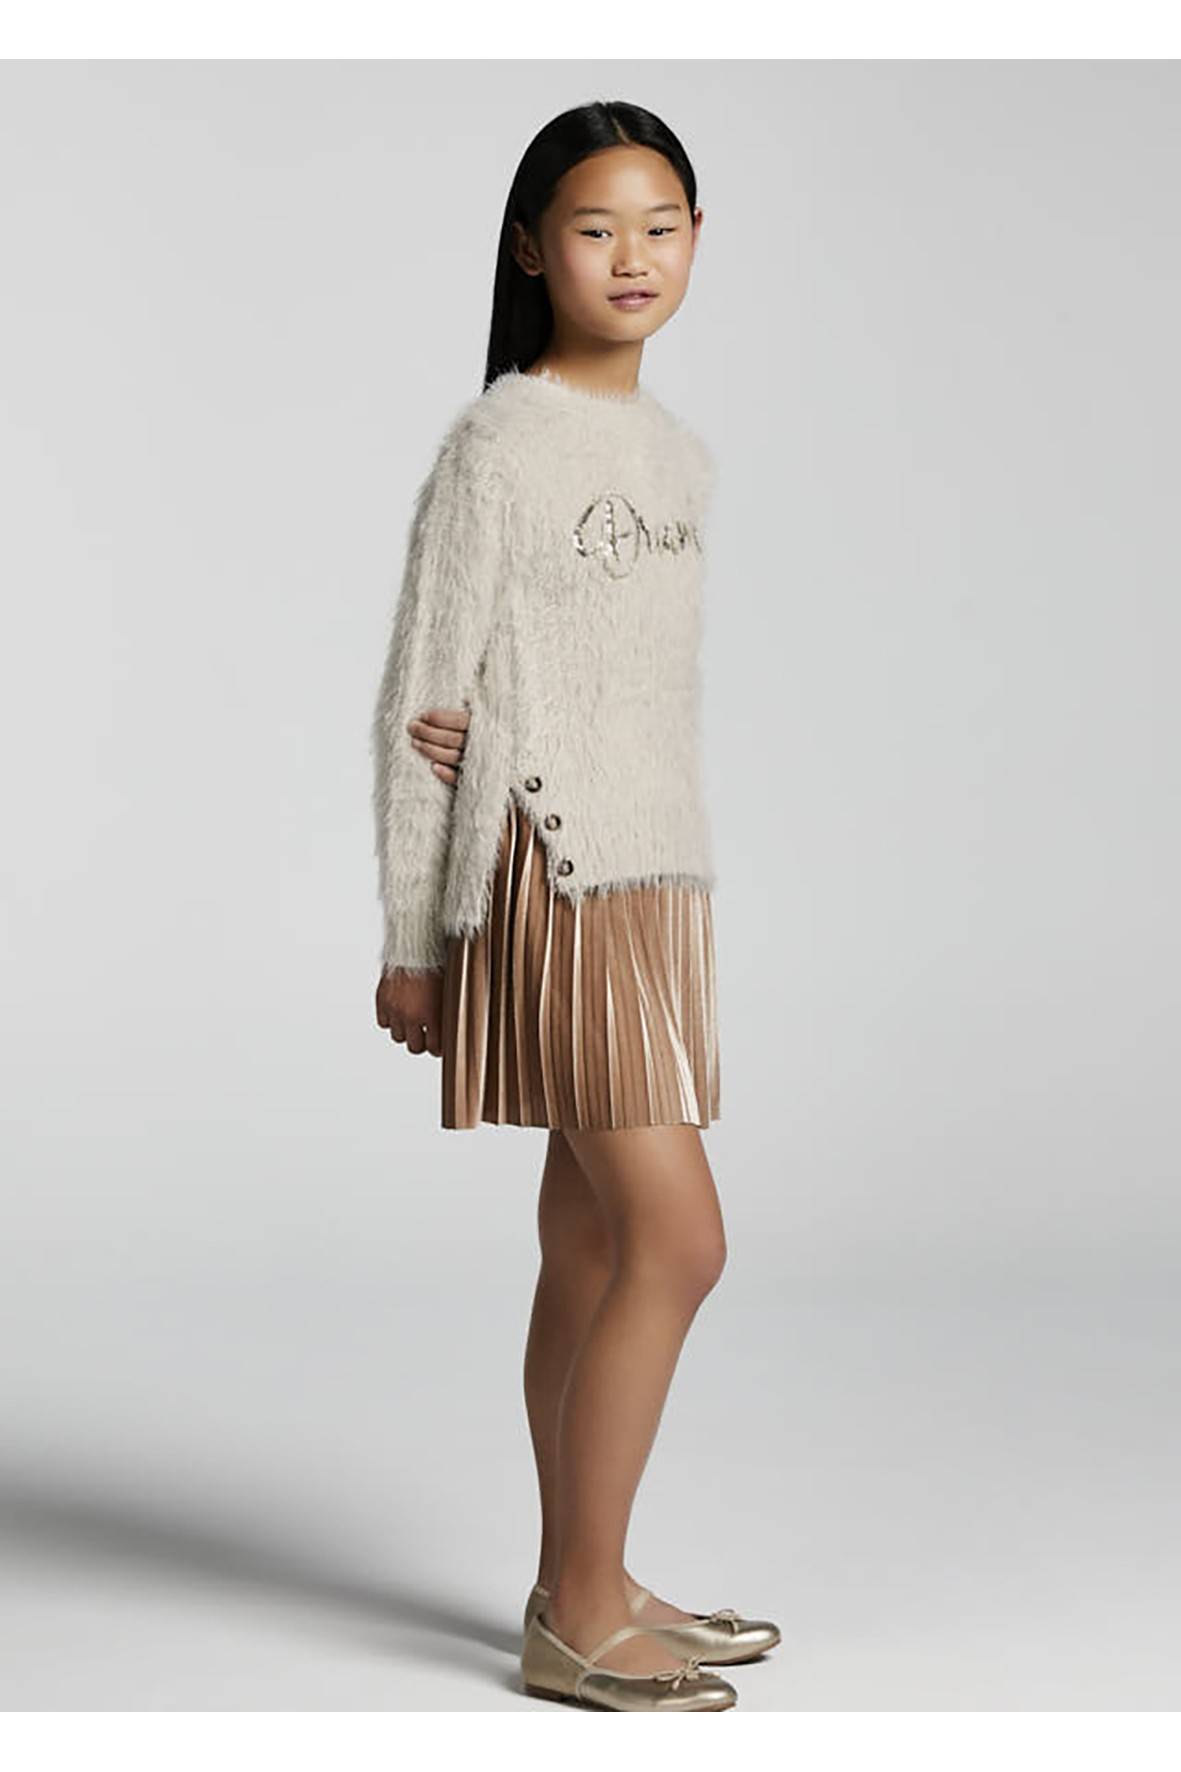 Komplet dziewczęcy - beżowa sukienka i sweter z nadrukiem